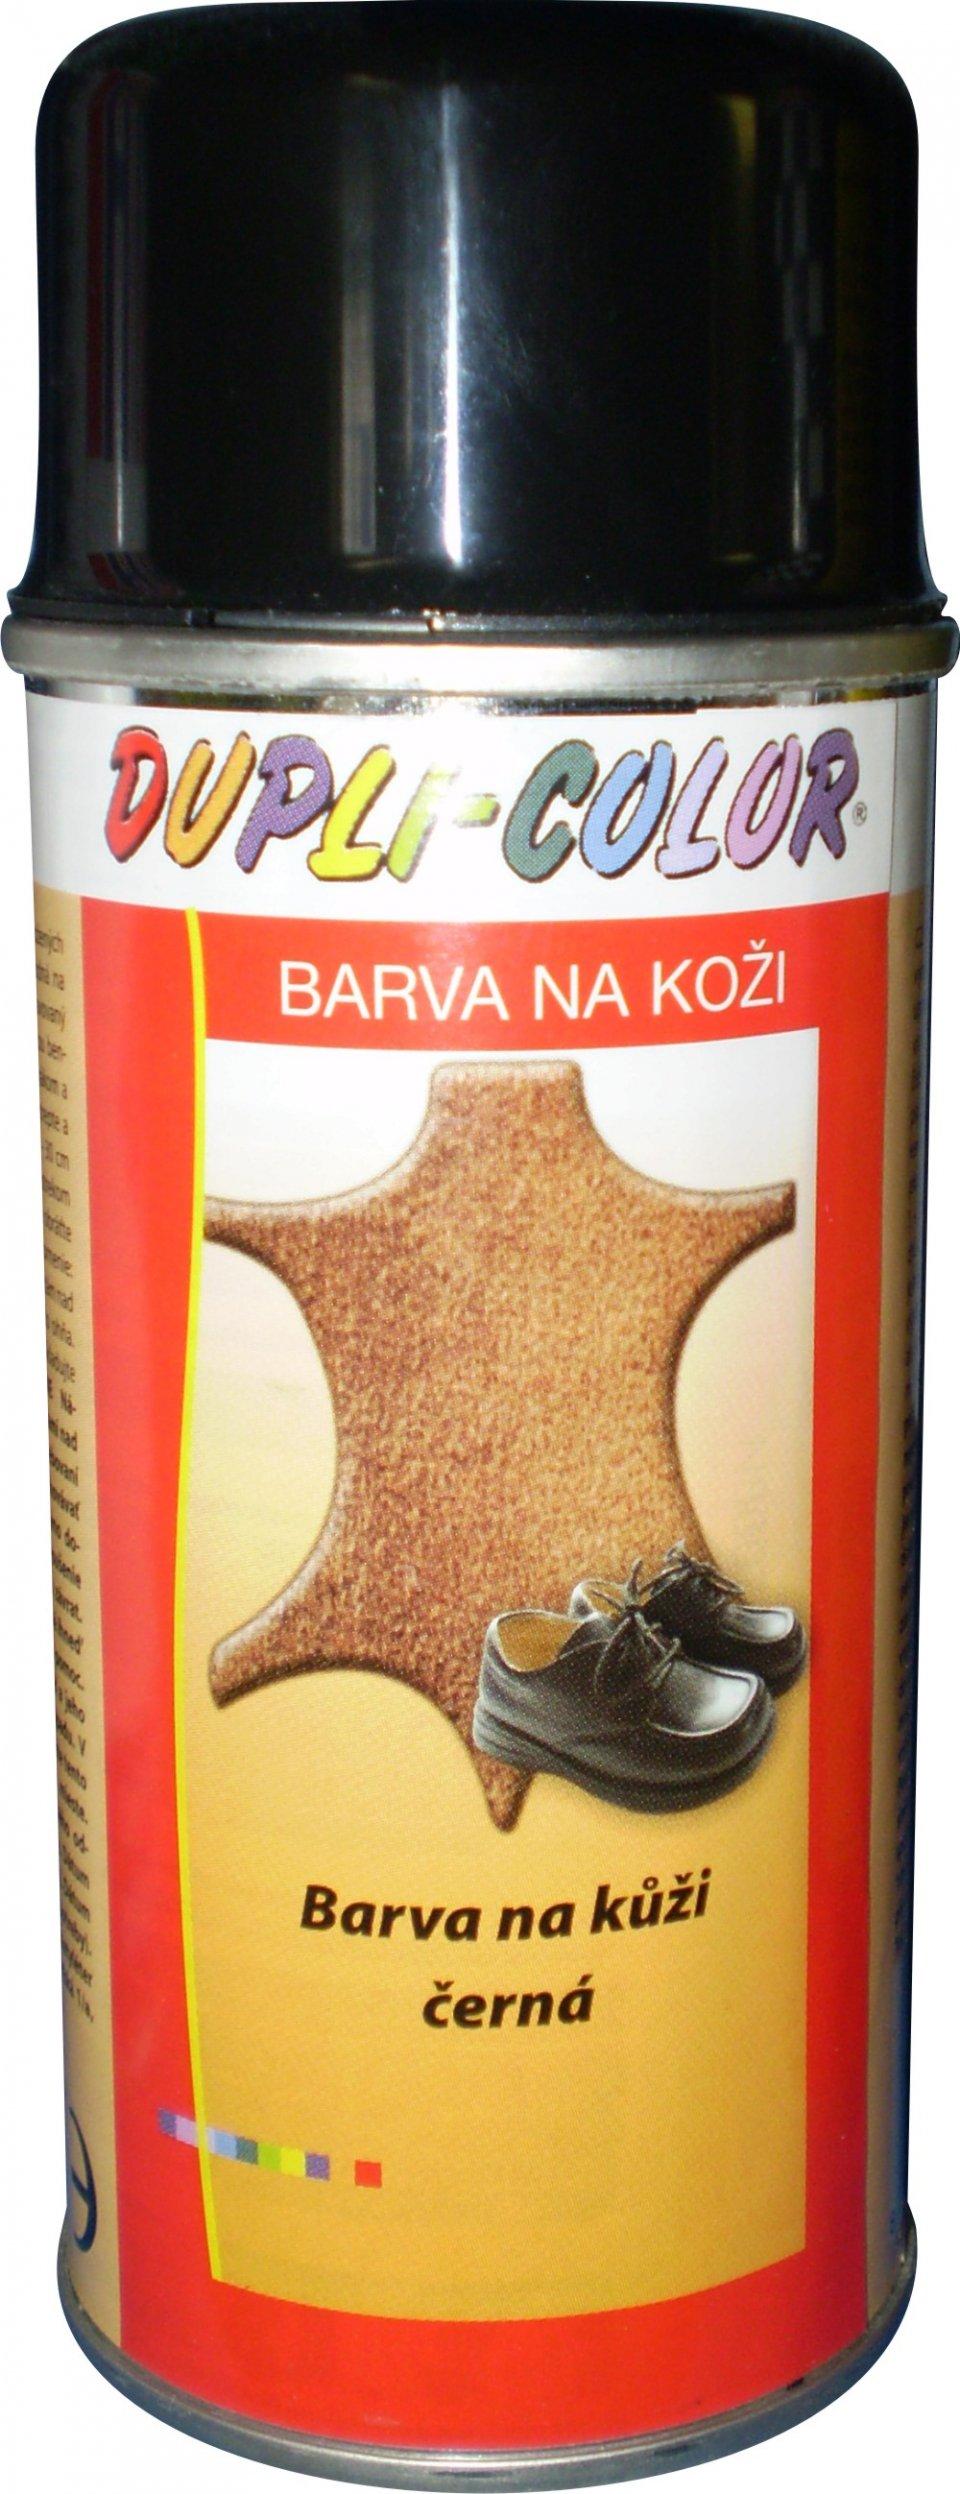 Farba v spreji na kožu